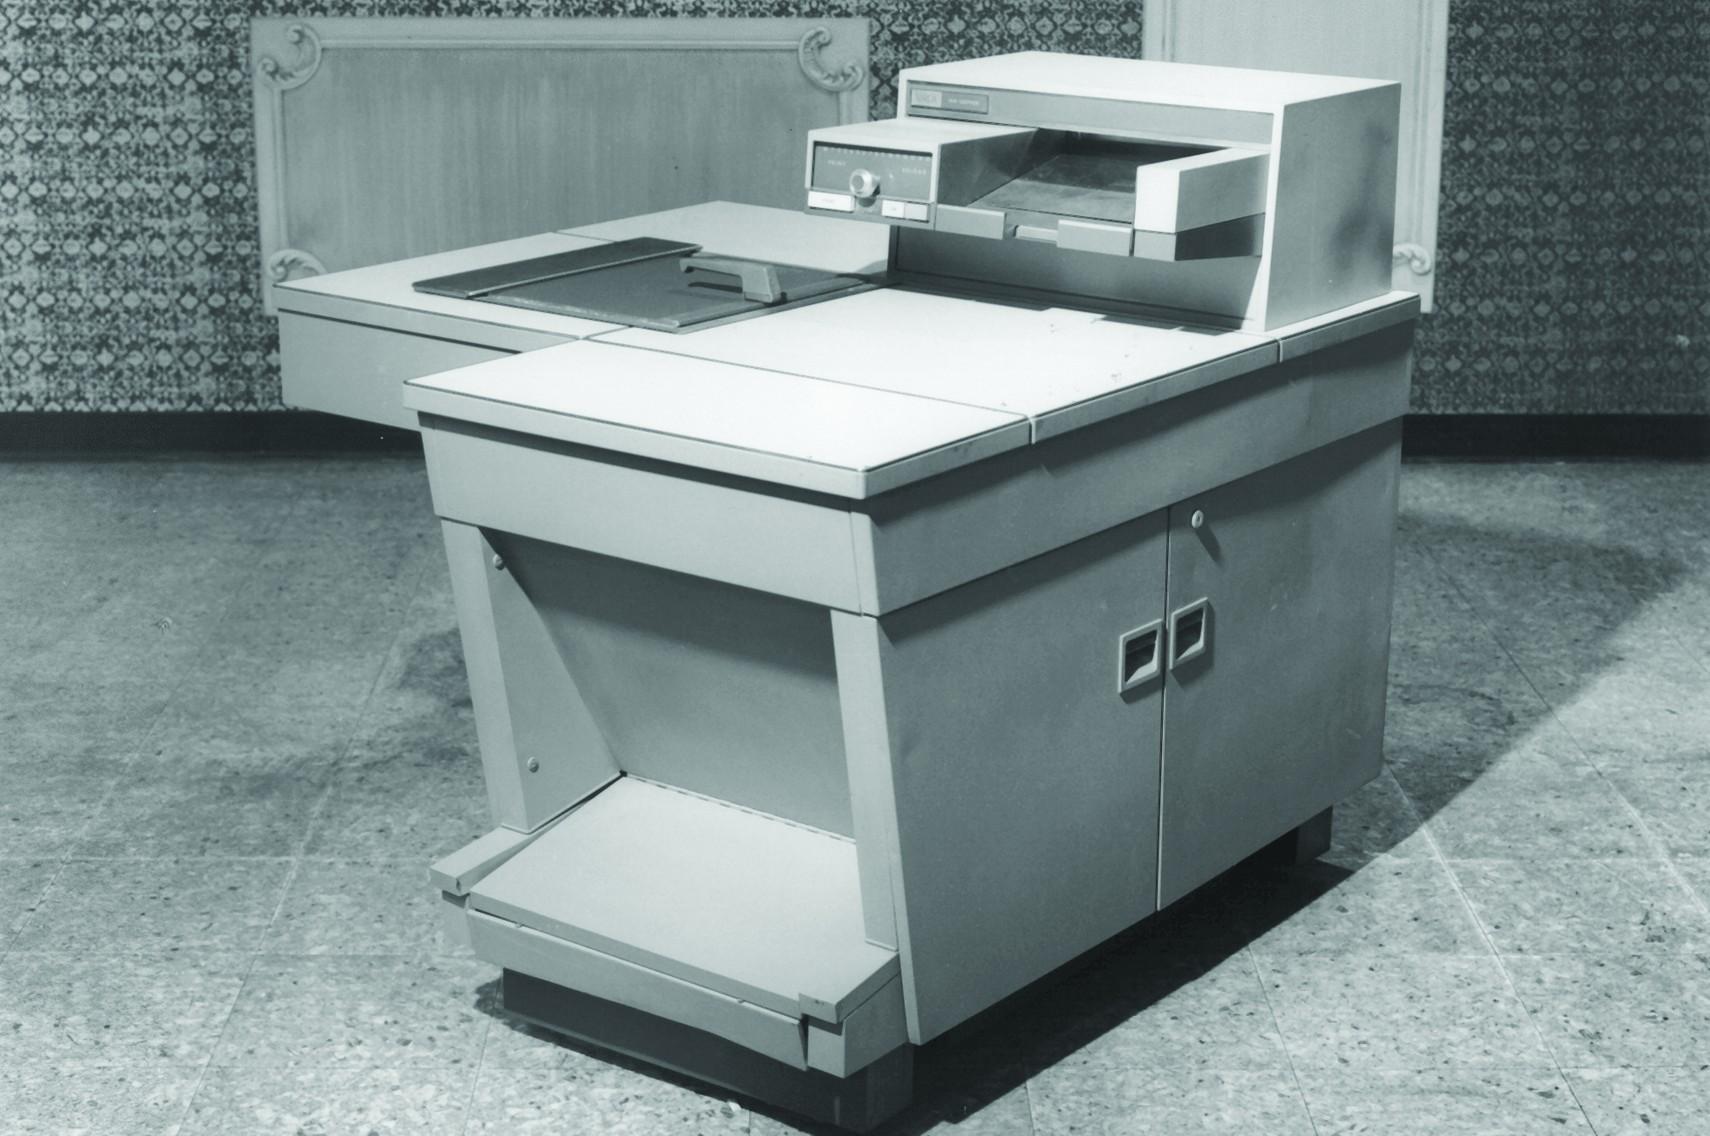 Nr. 914: Der erste Serienmäßige Kopierer lief 1959 vom Band. Abbildung: Xerox